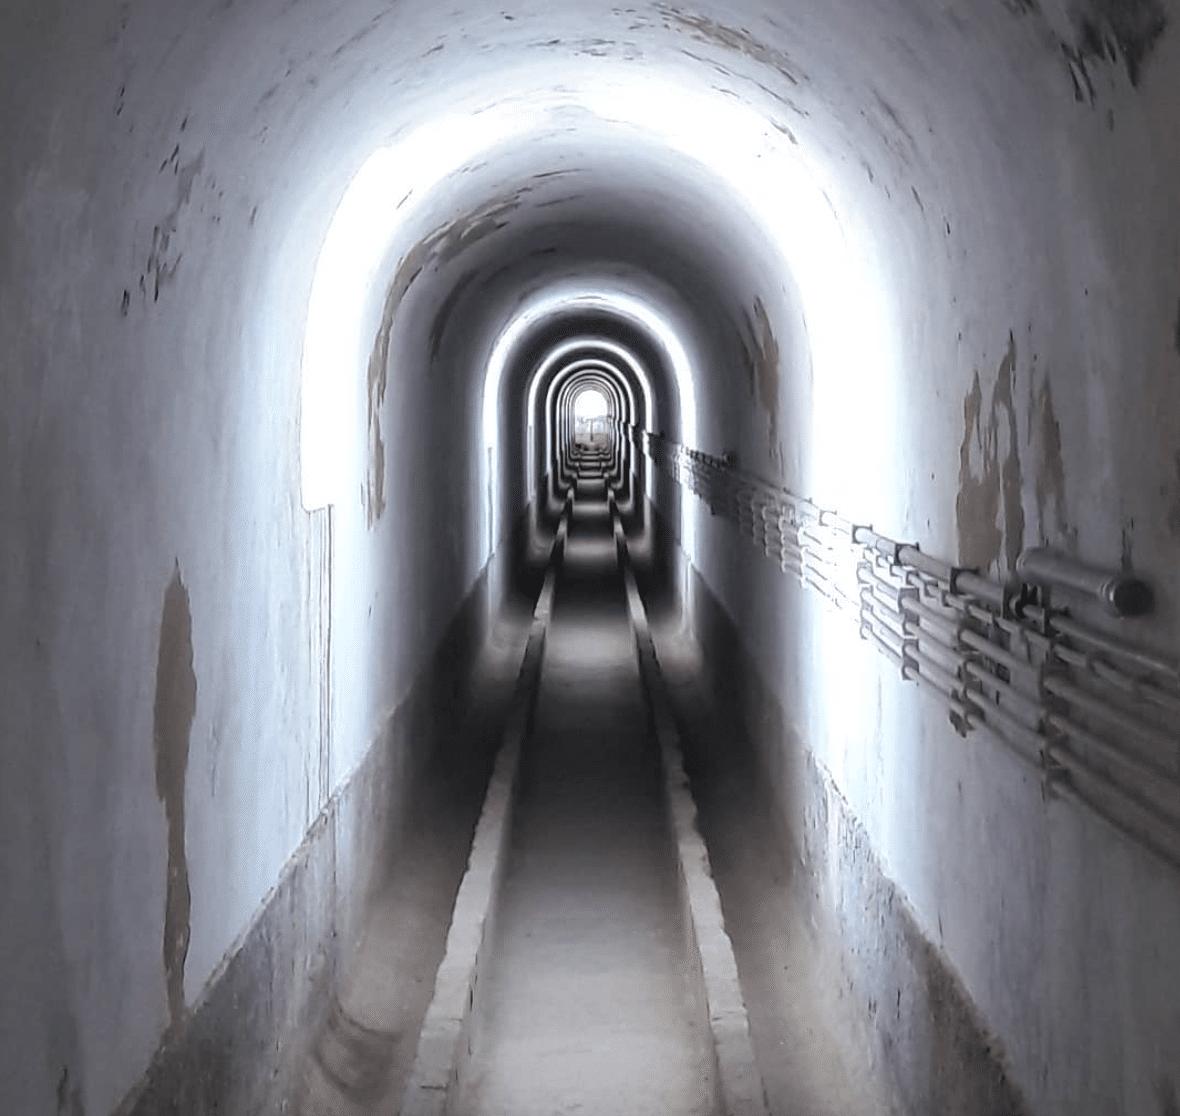 Visita a Lisboa subterrânea